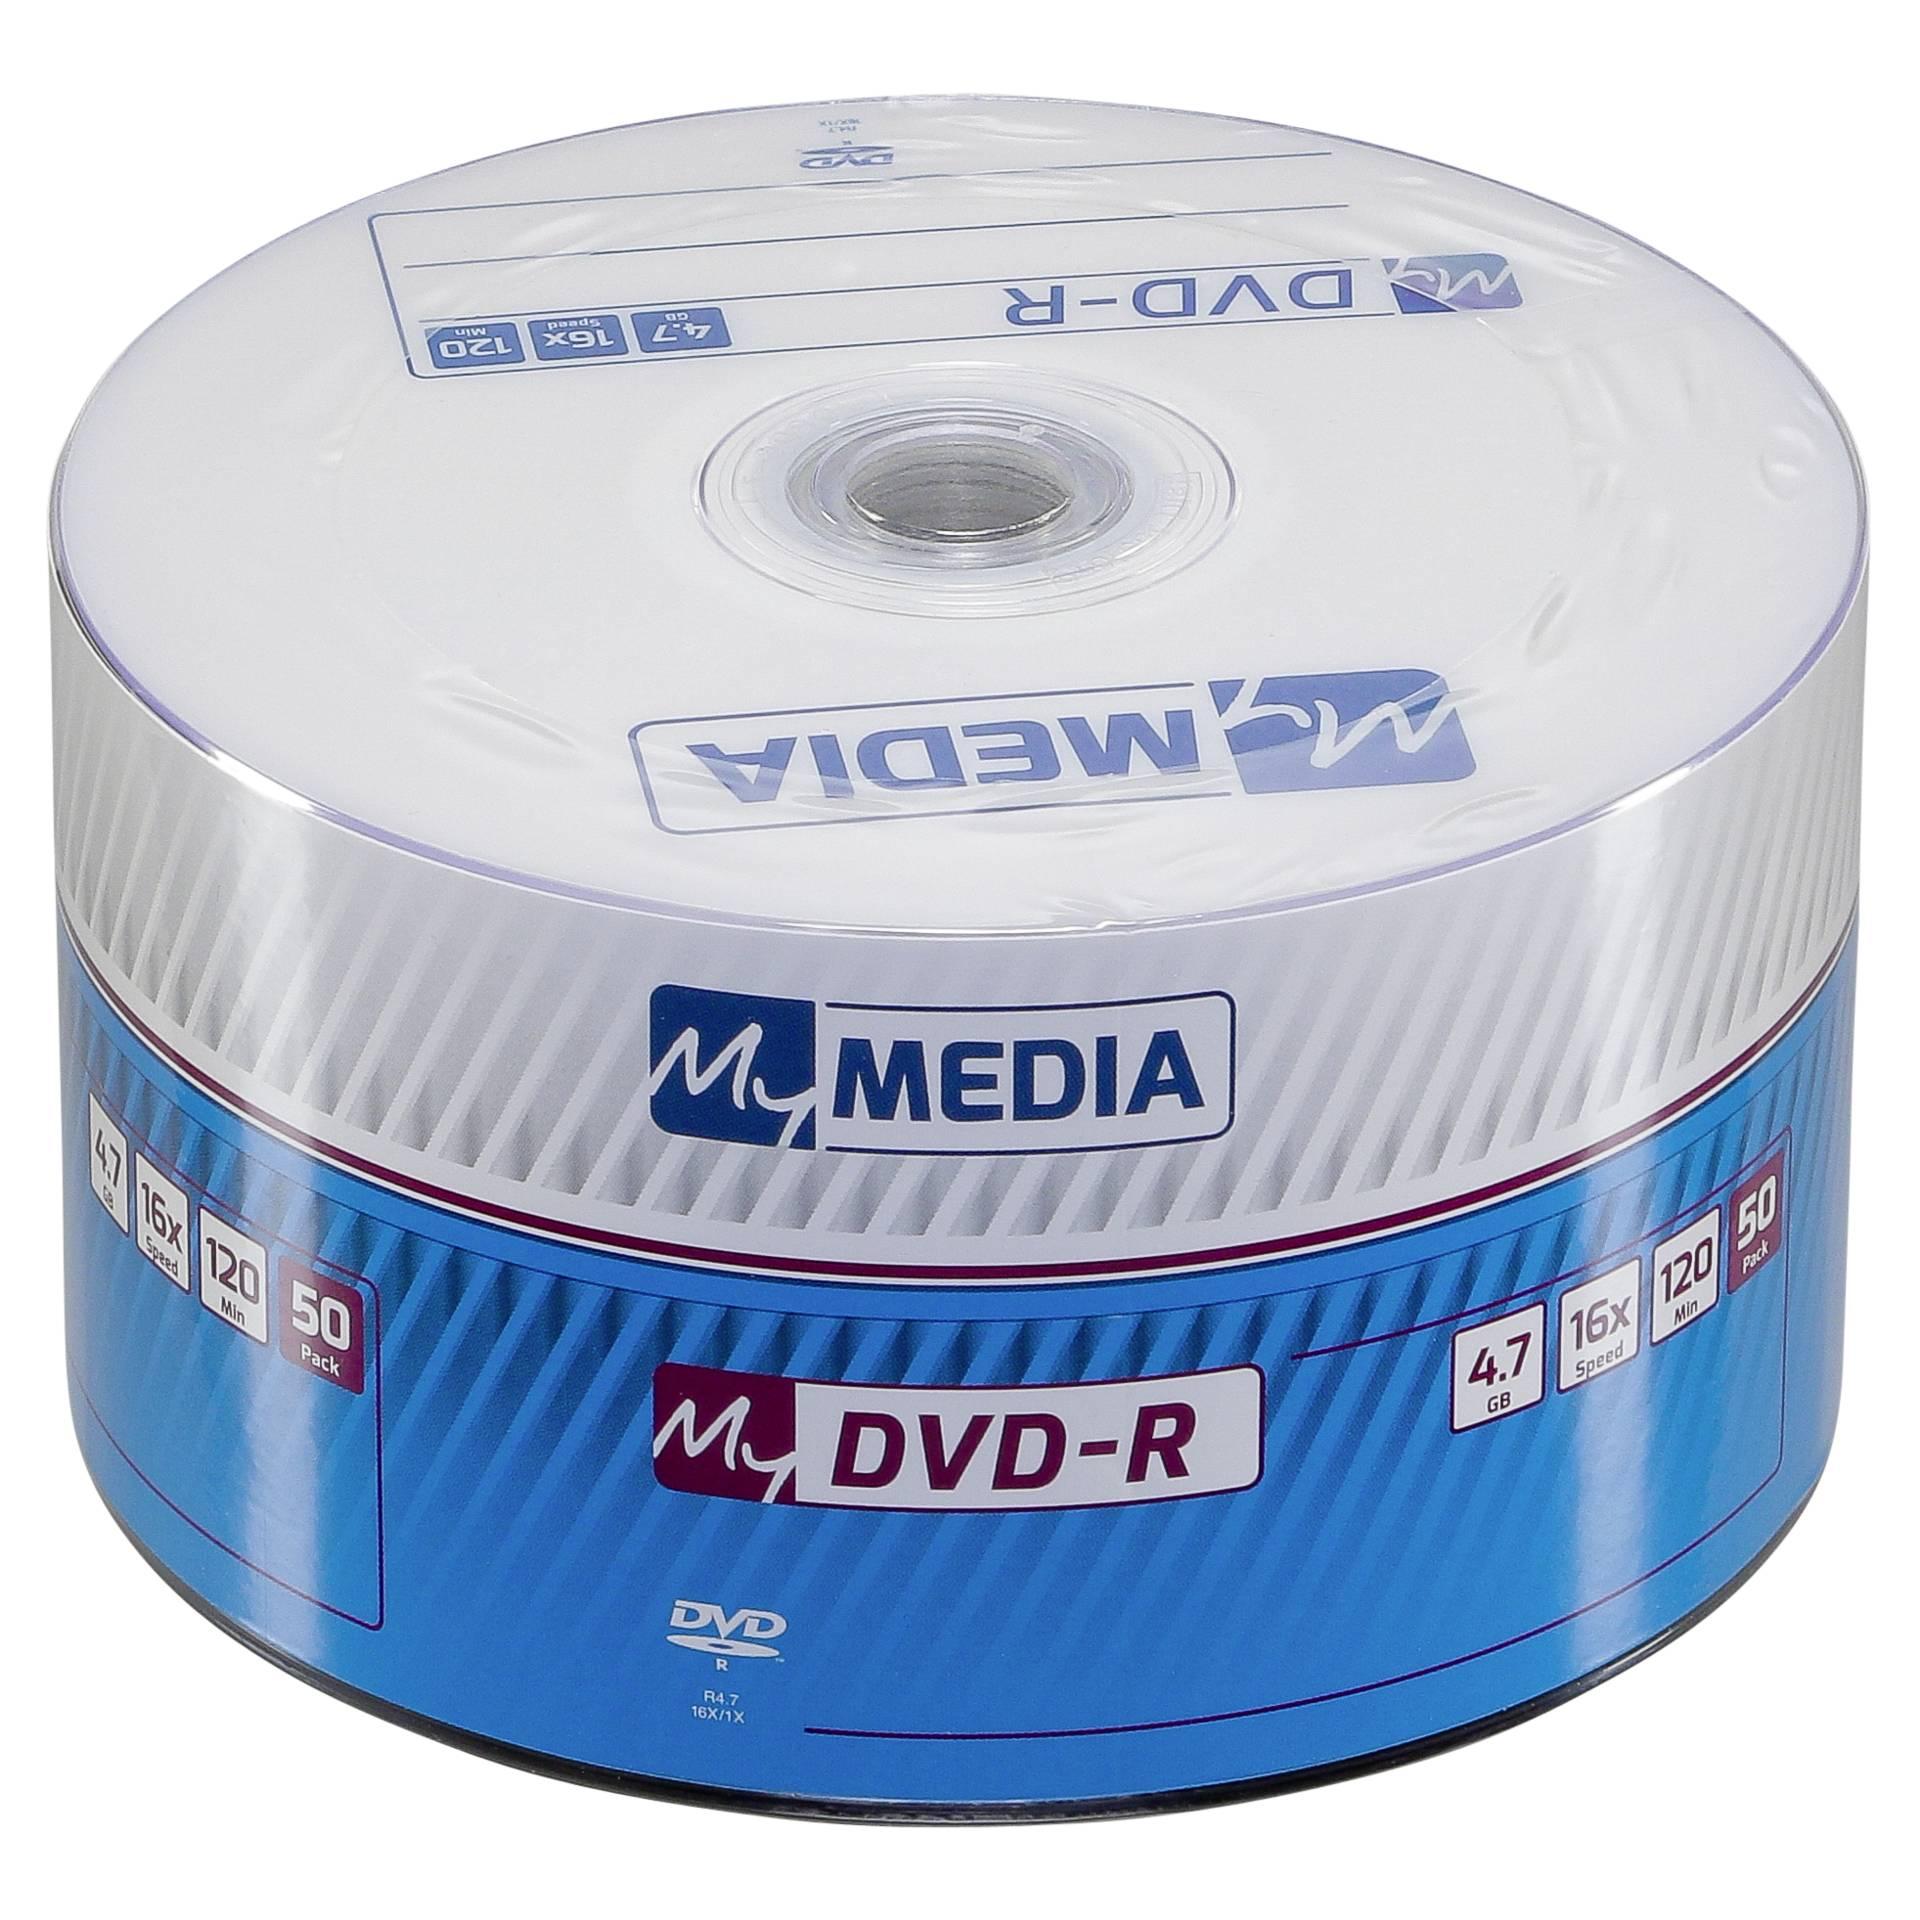 MyMedia DVD-R 1x50 4,7GB x16 Speed Matt Silver